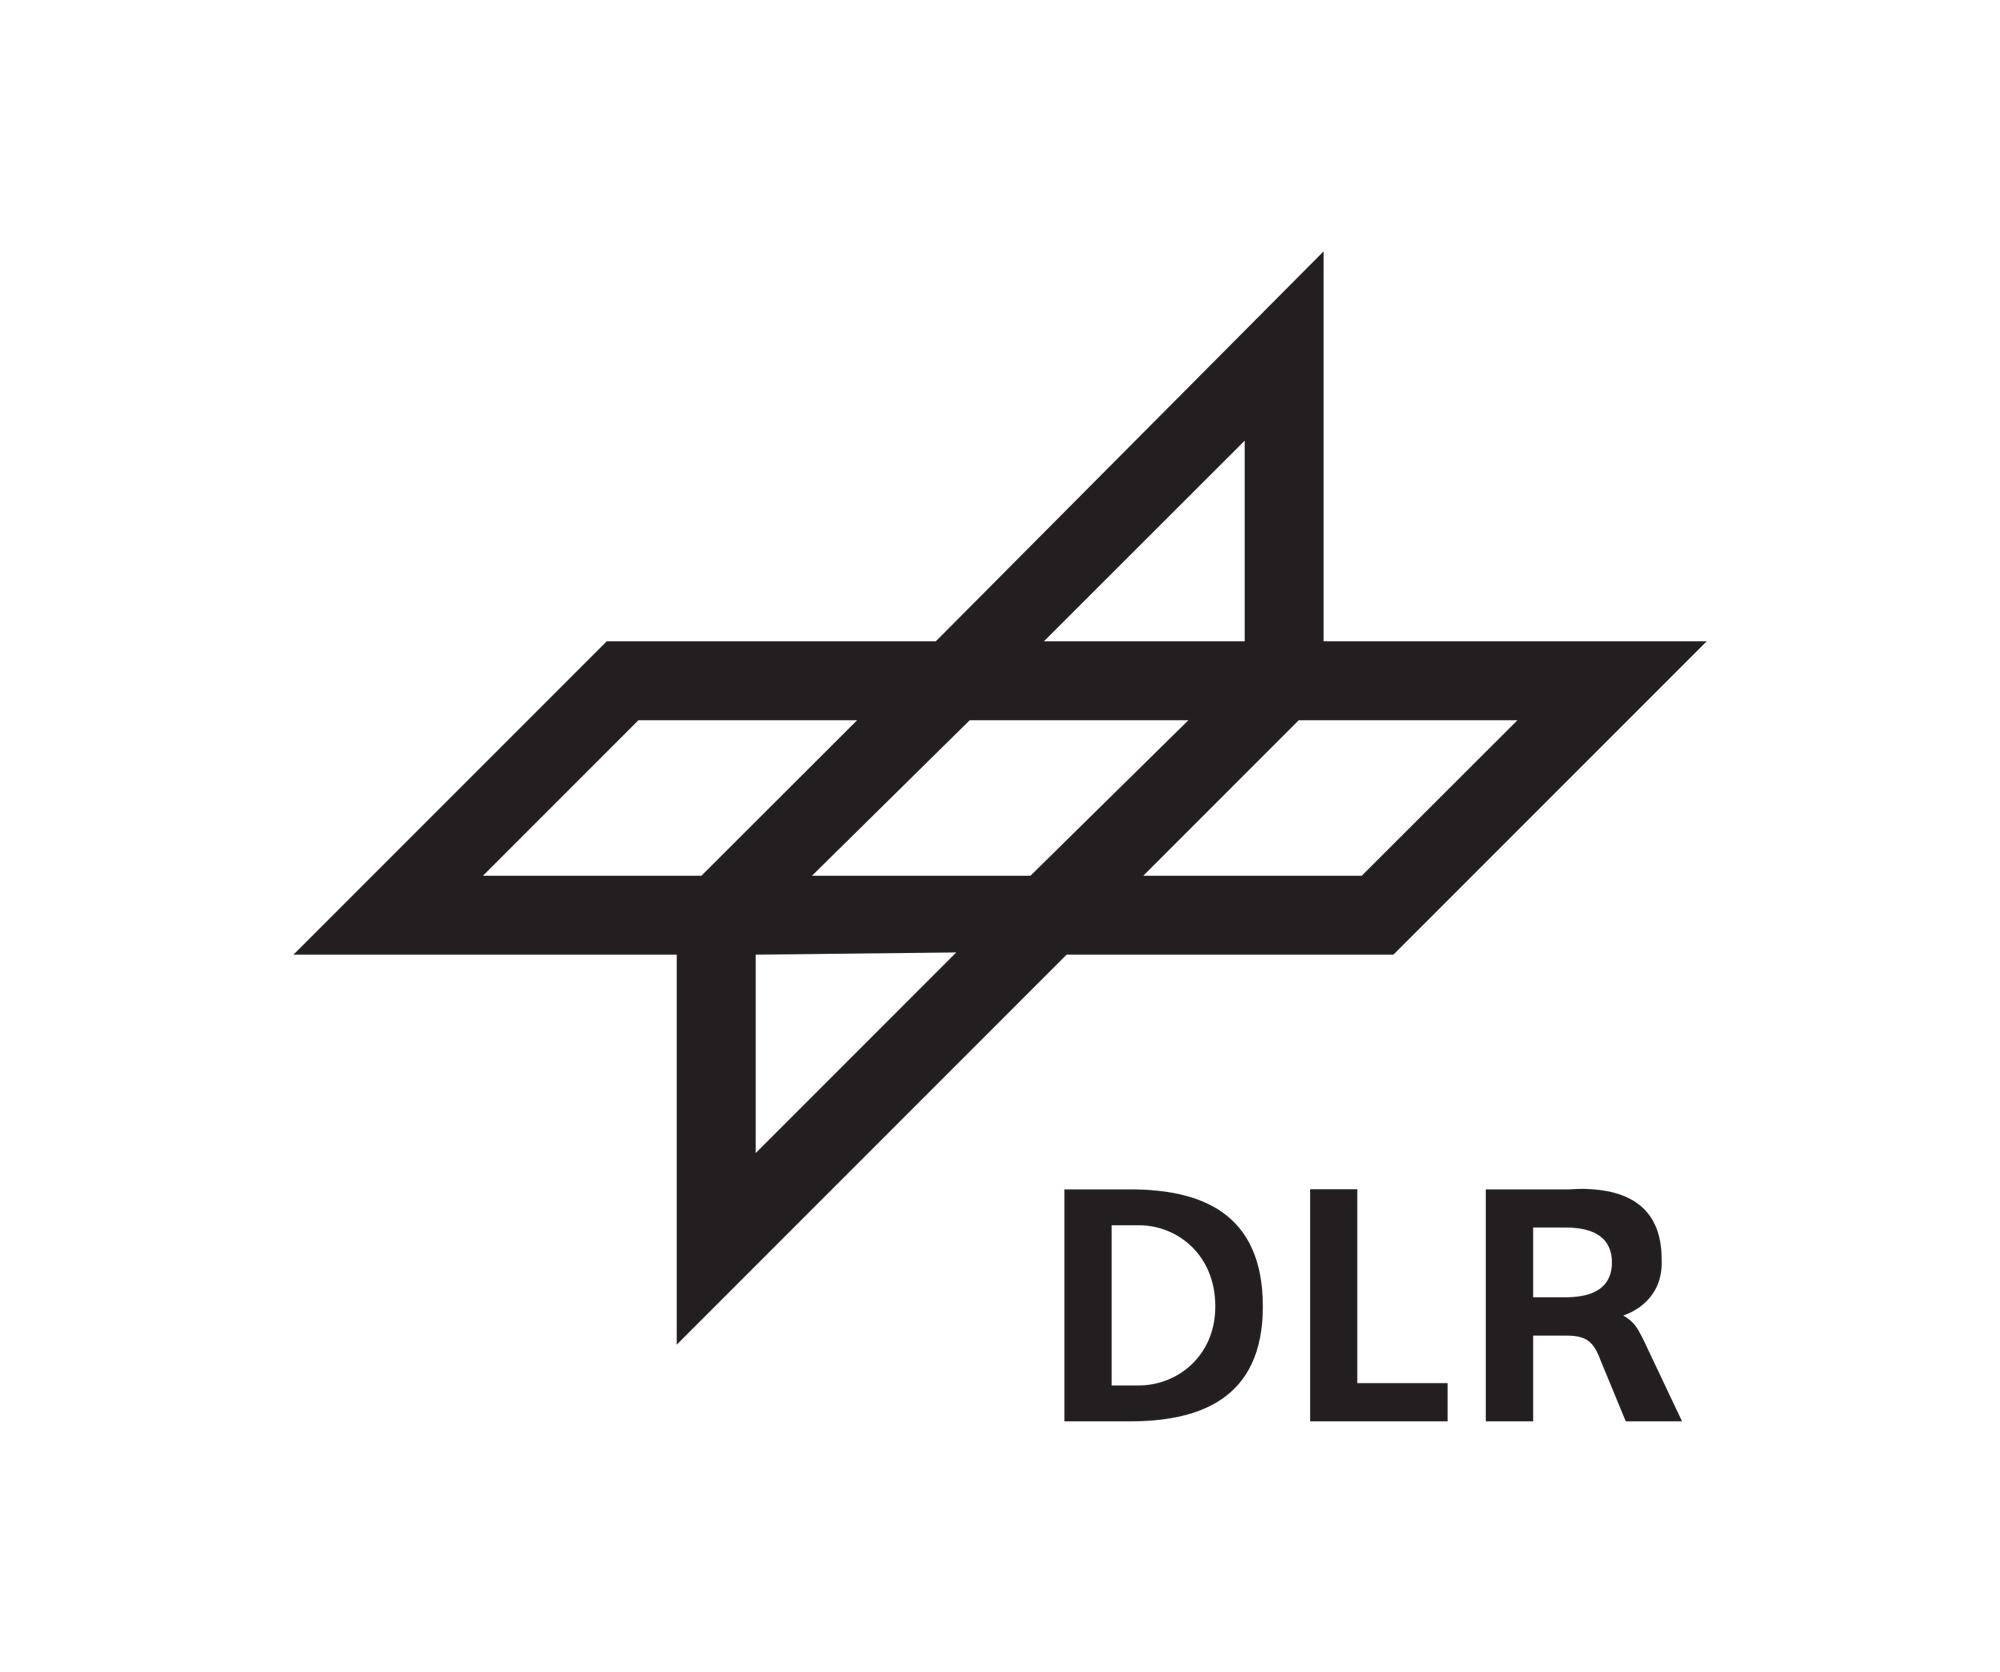 logo_DLR